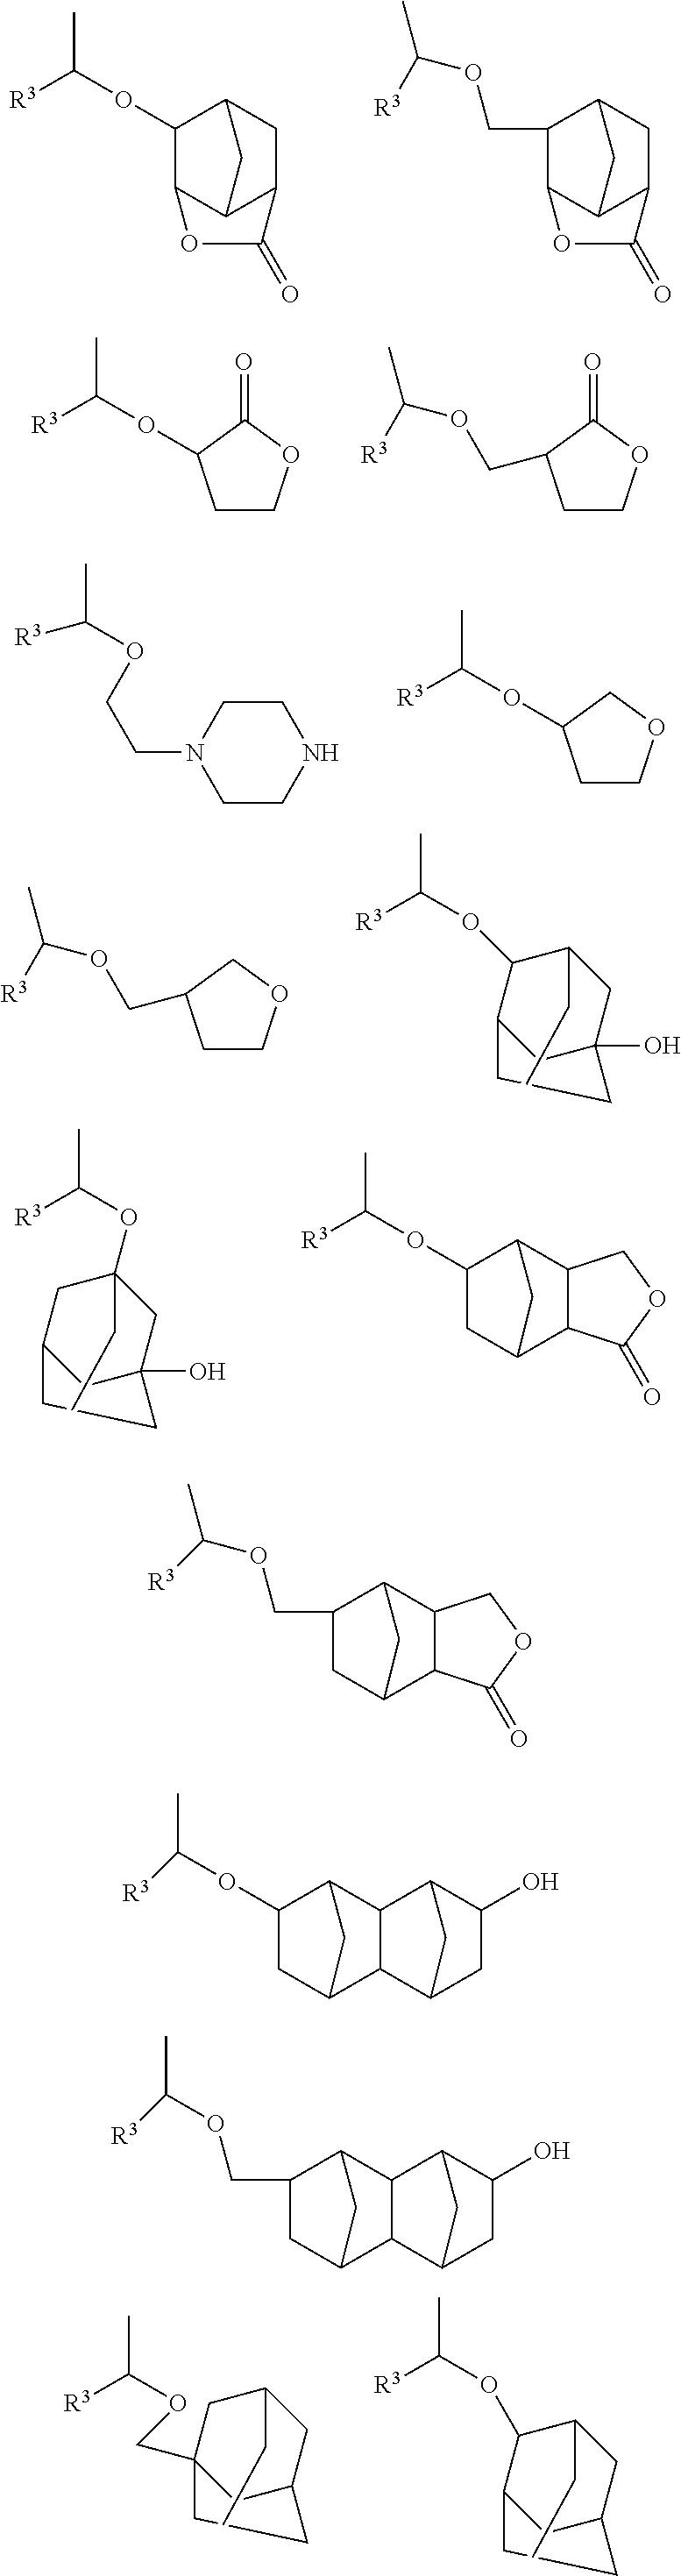 Figure US08206887-20120626-C00037